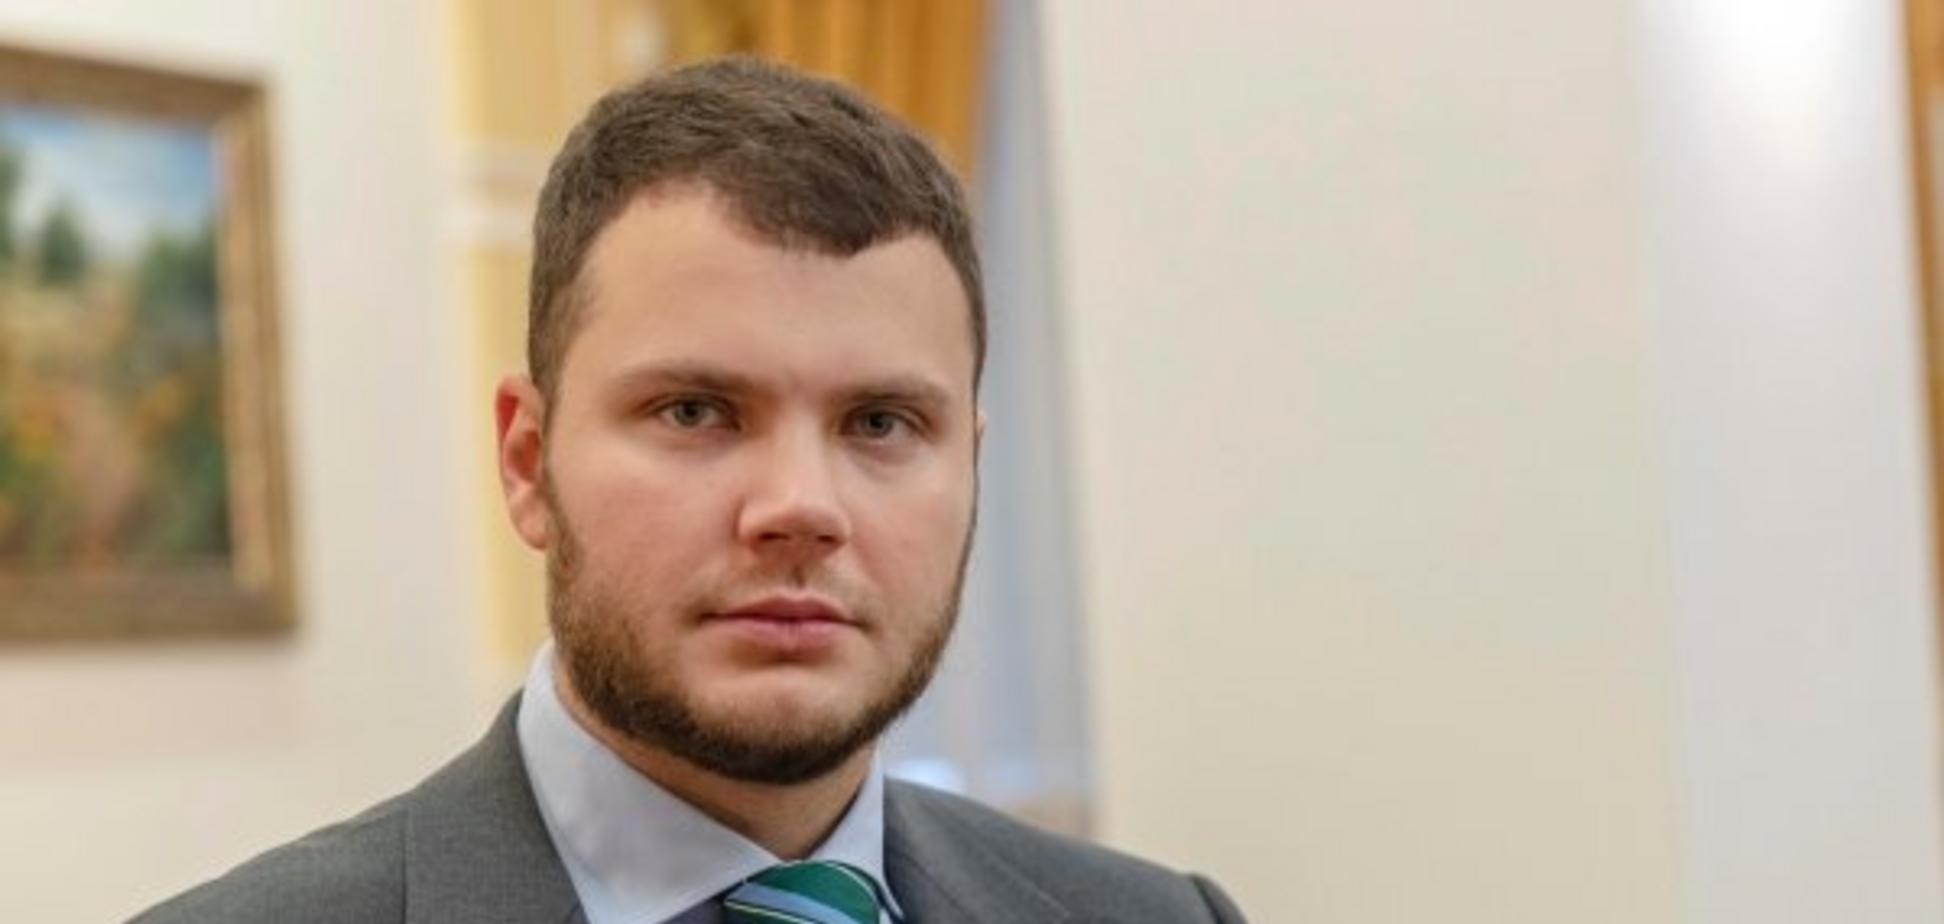 Нардеп заявив, що Криклій побудував корупційну систему в Мінінфраструктури